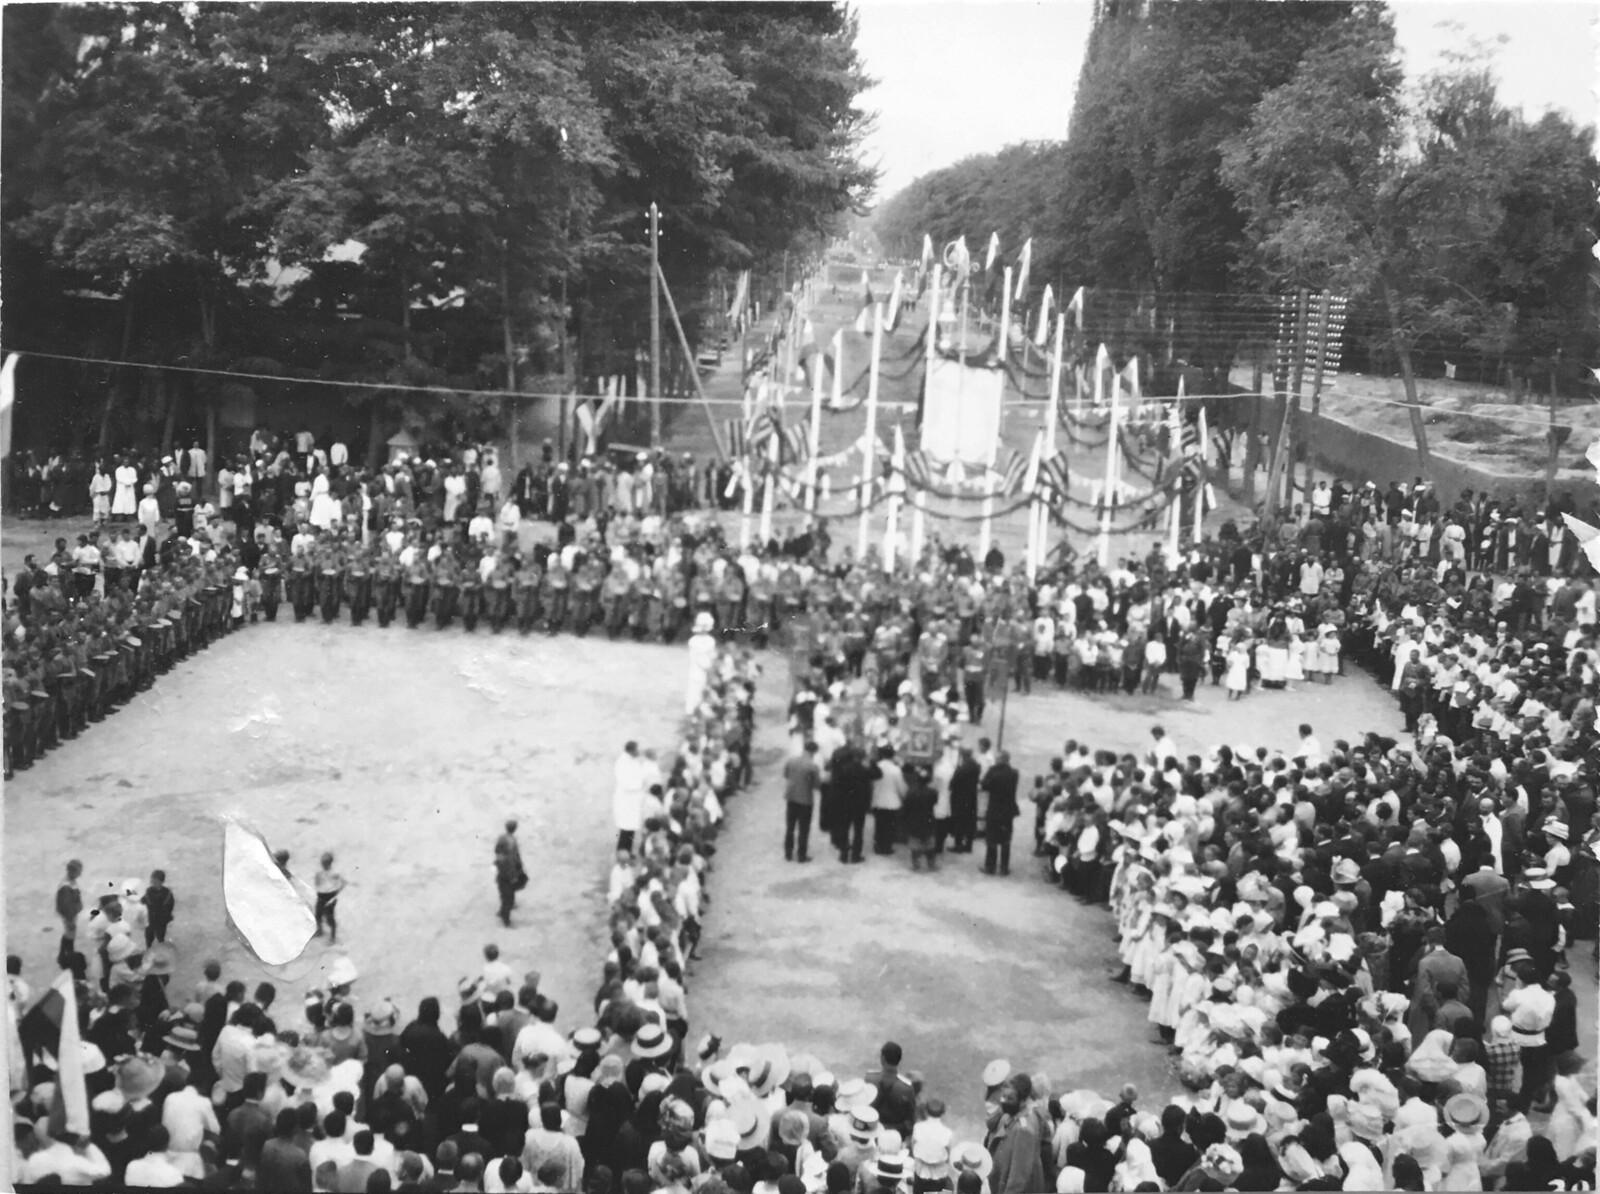 Торжественное празднование 100-летия победы в Отечественной войне 1812 года. Вид с колокольни.